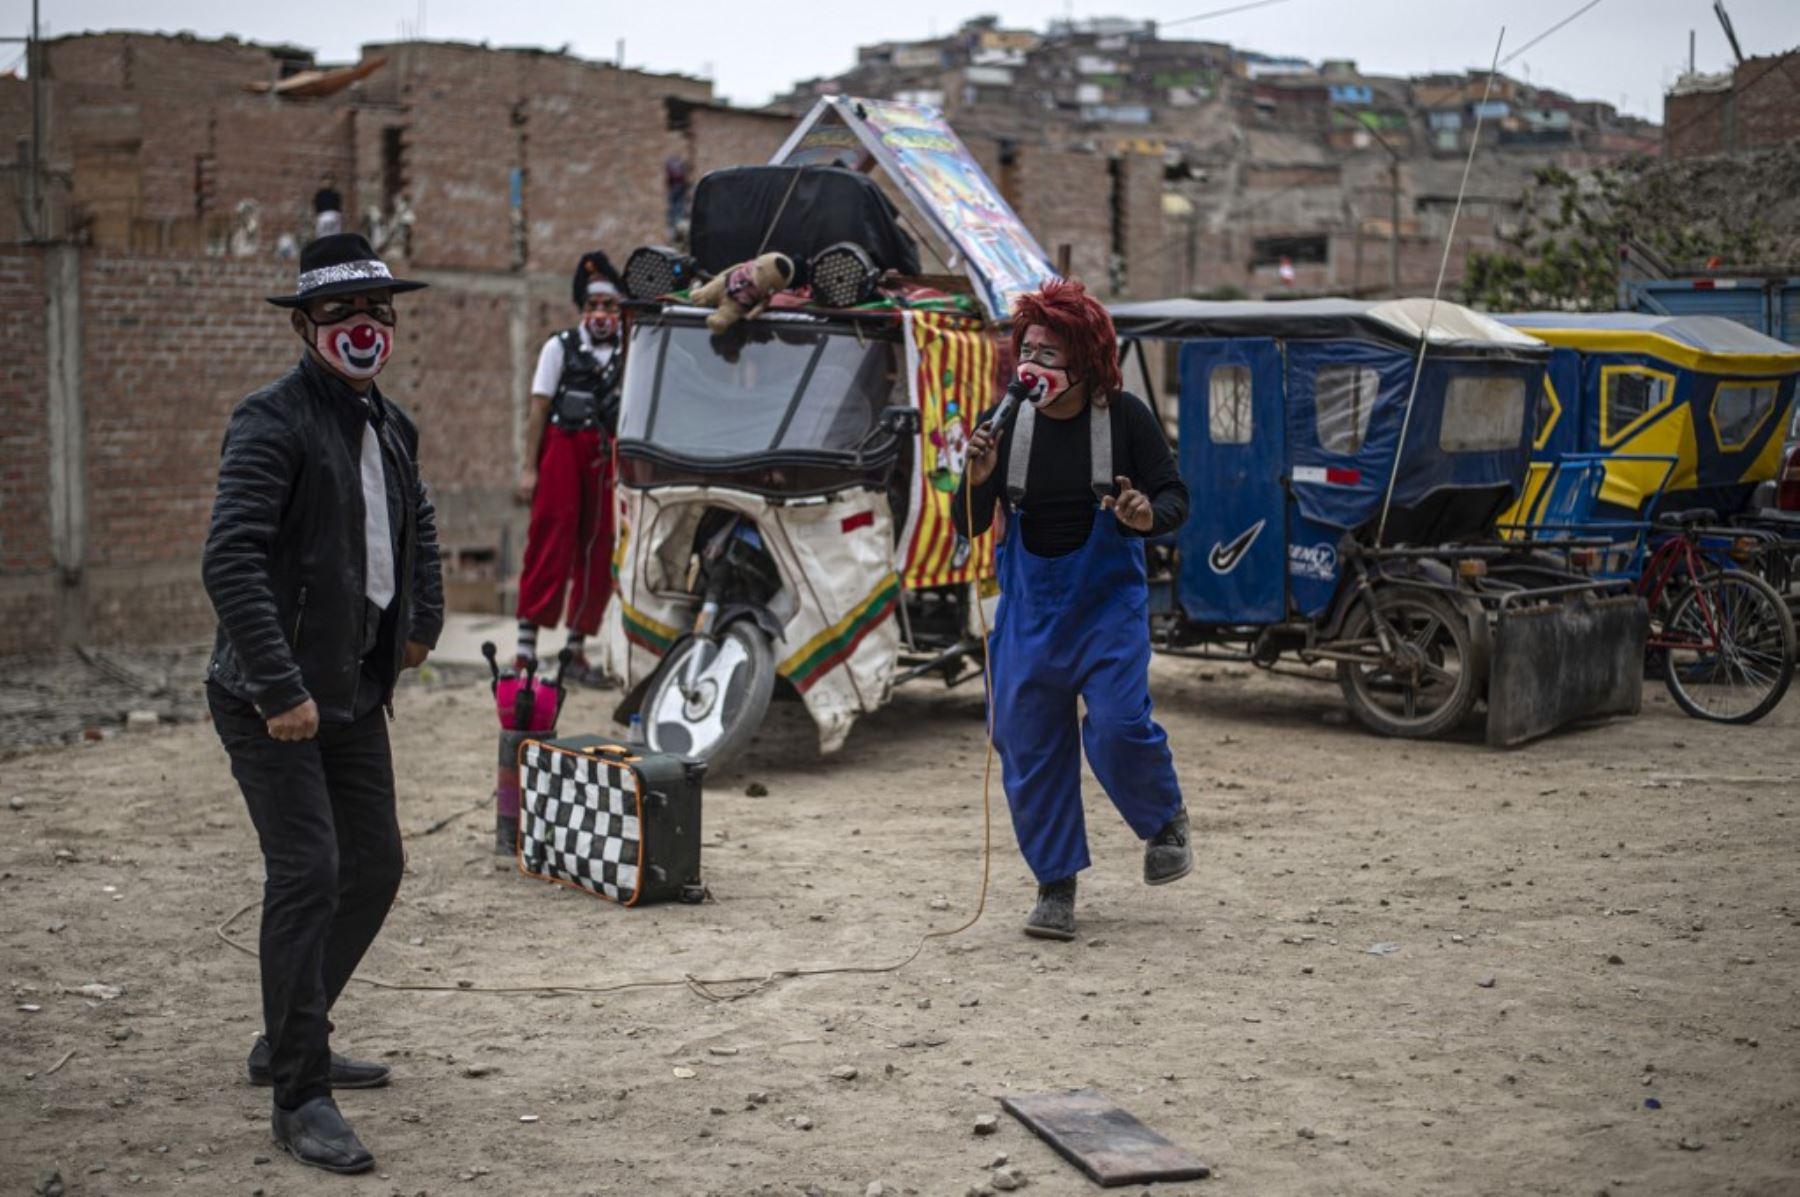 Los payasos con máscaras se presentan en el distrito de Puente Piedra, en las afueras del norte de Lima, durante la pandemia covid-19. Debido a la pandemia de coronavirus, los circos en Perú permanecen cerrados, lo que lleva a este grupo de payasos que viajan en su circo mototaxi a actuar en las calles de Lima.   Foto: AFP